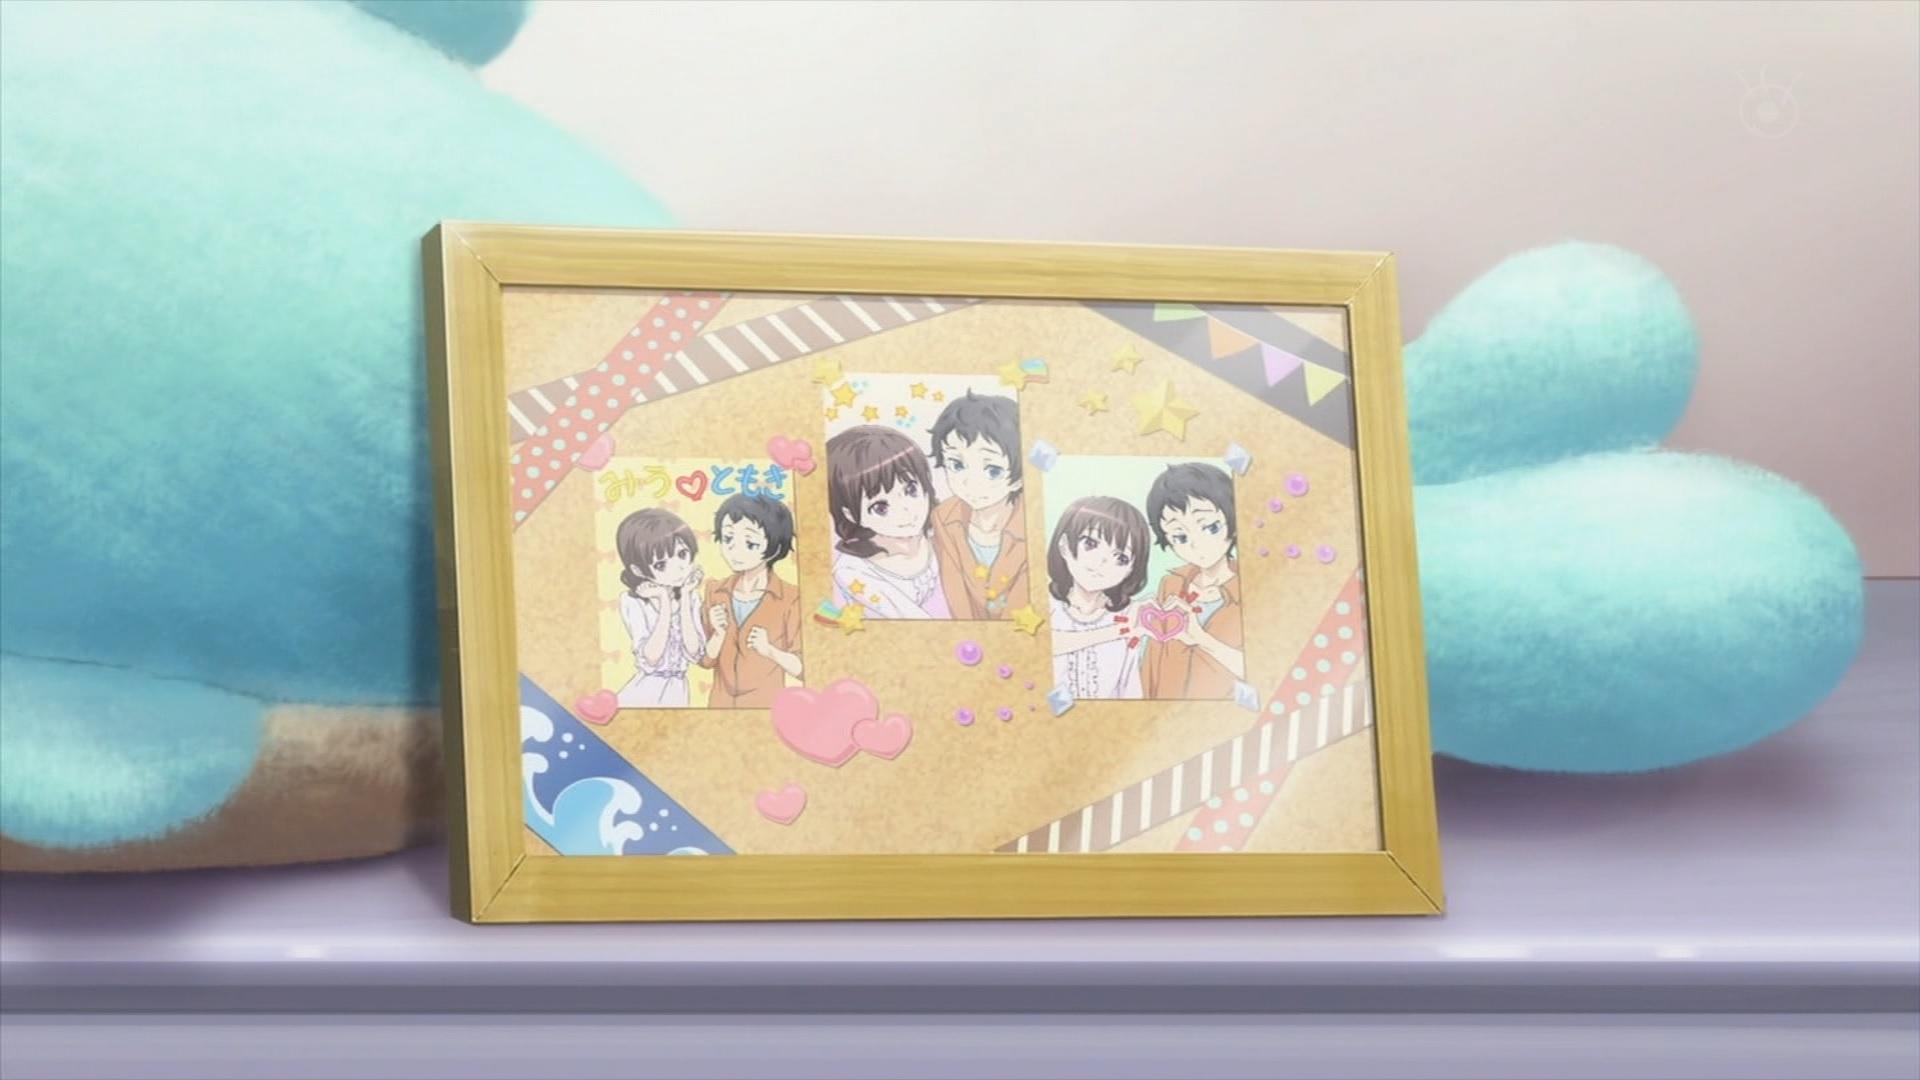 坂井知季と野村未羽のプリクラ